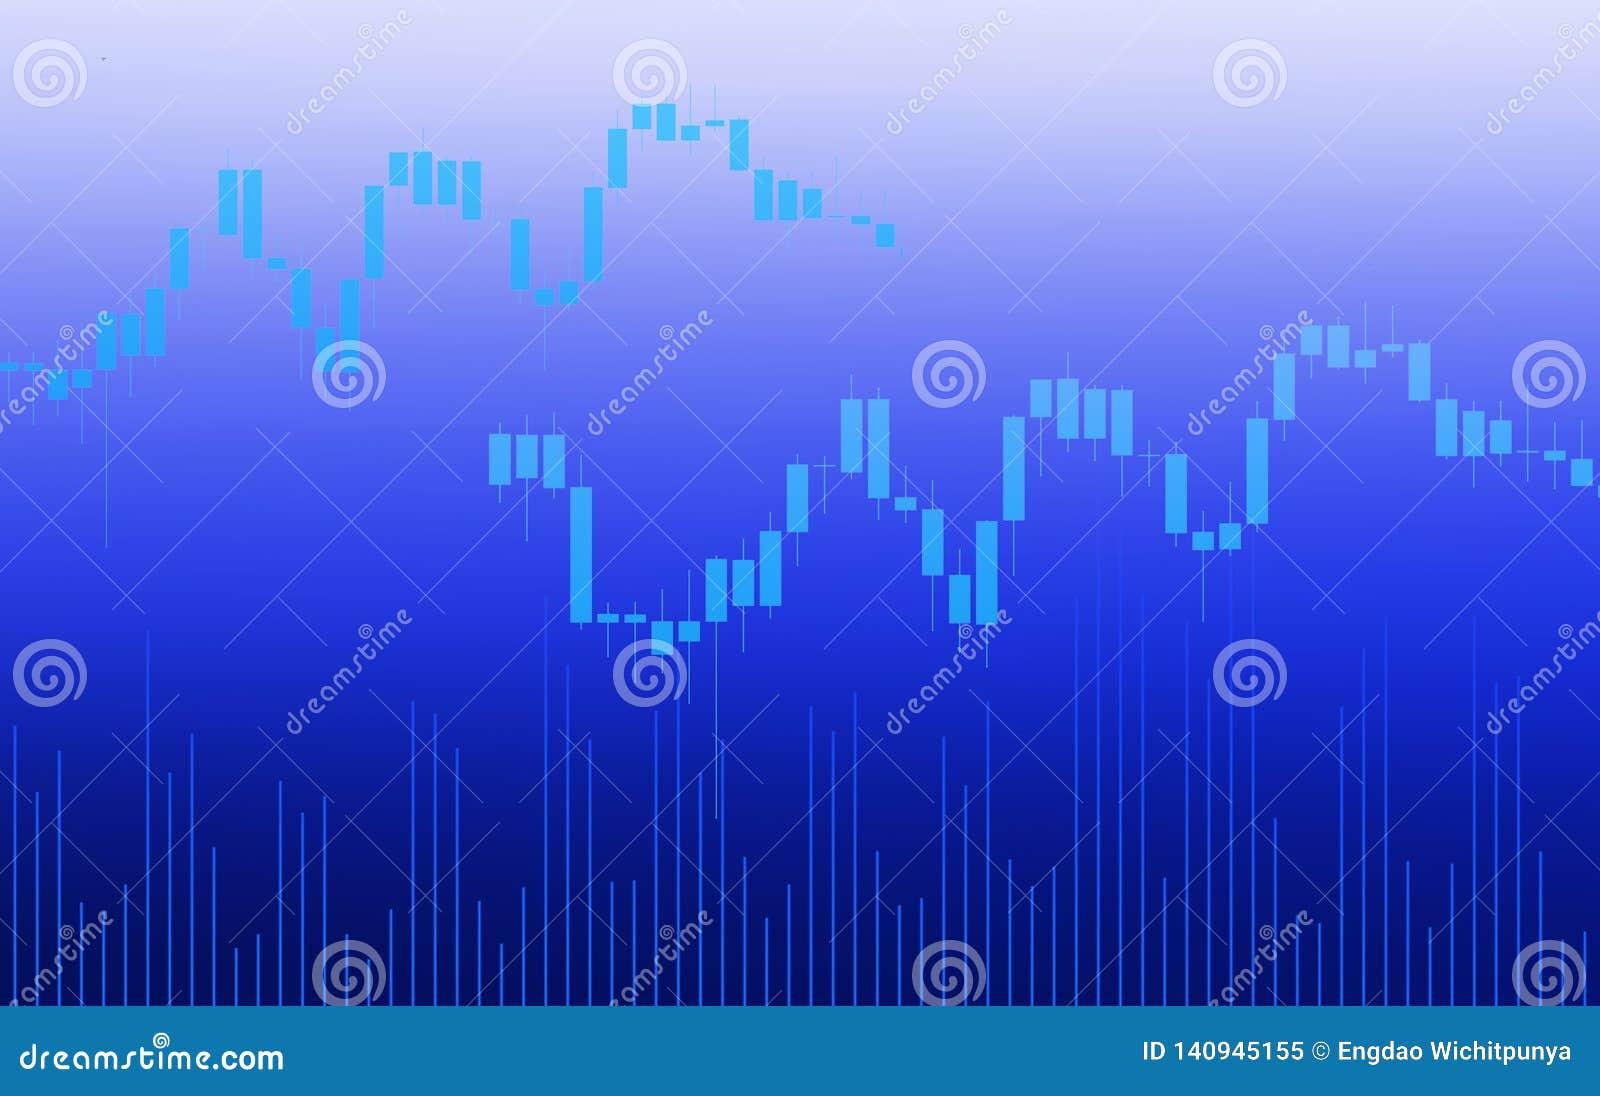 Mercado de bolsa de acción o indicador comercial de la inversión del análisis del gráfico de las divisas